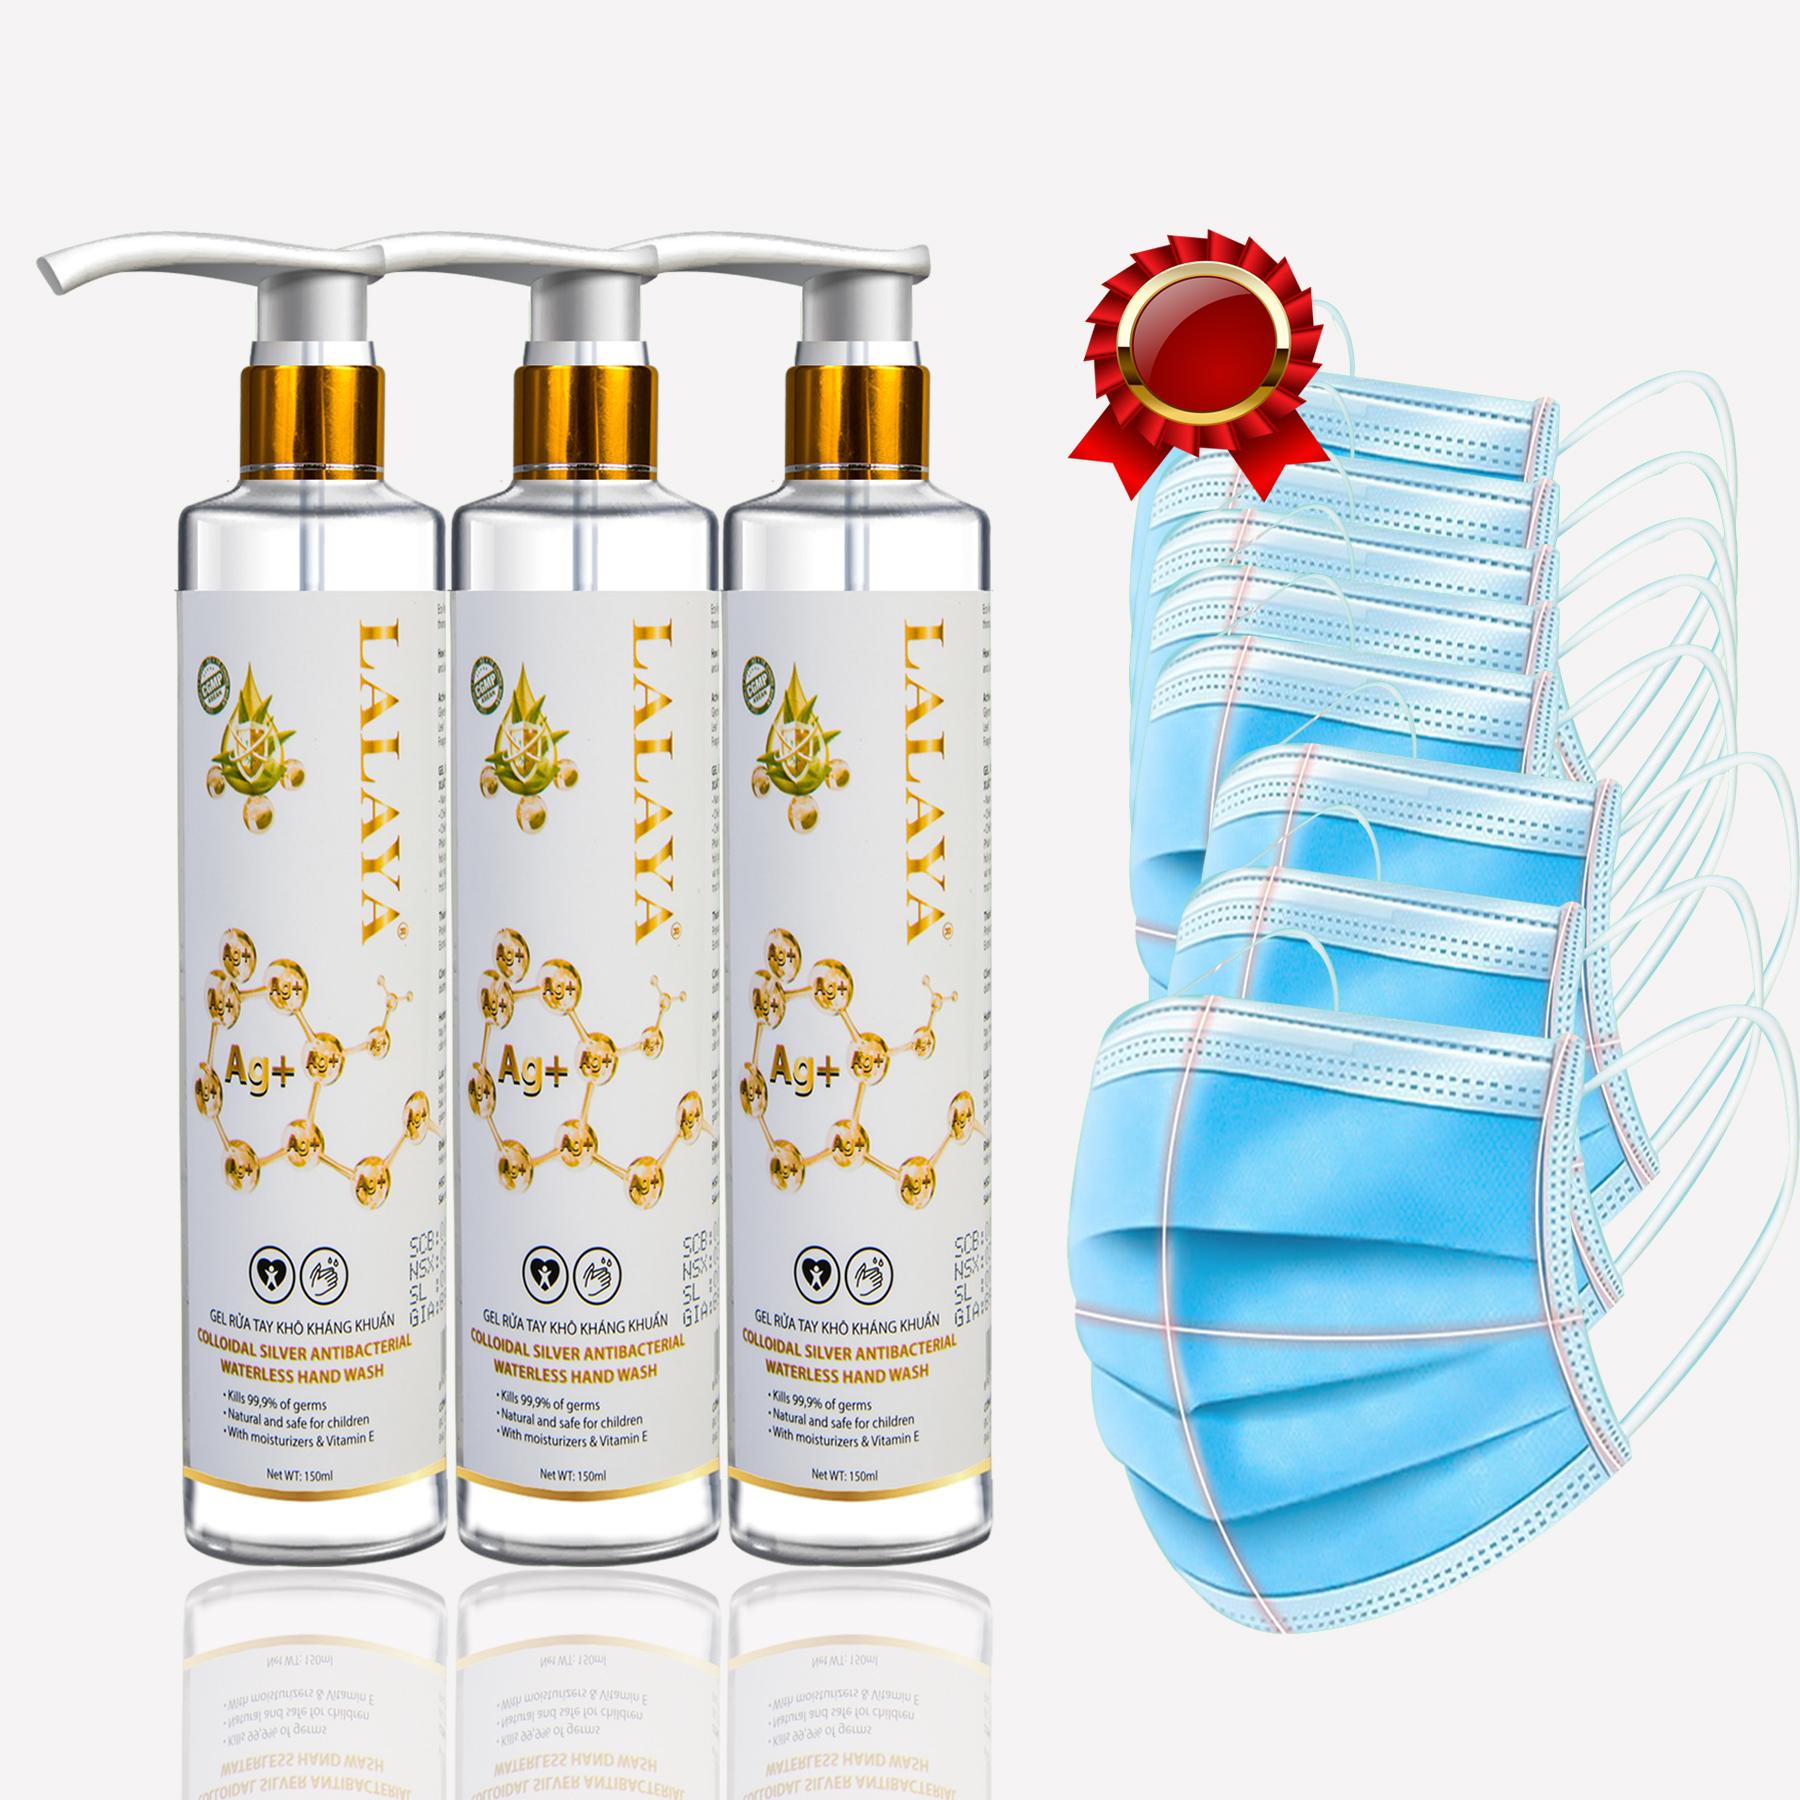 Bộ 3 chai gel rửa tay kháng khuẩn nano bạc LALAYA (150ml) - tặng kèm 8 cái khẩu trang y tế cao cấp MEBILOO< kháng khuẩn màu ngẫu nhiên xanh/xám